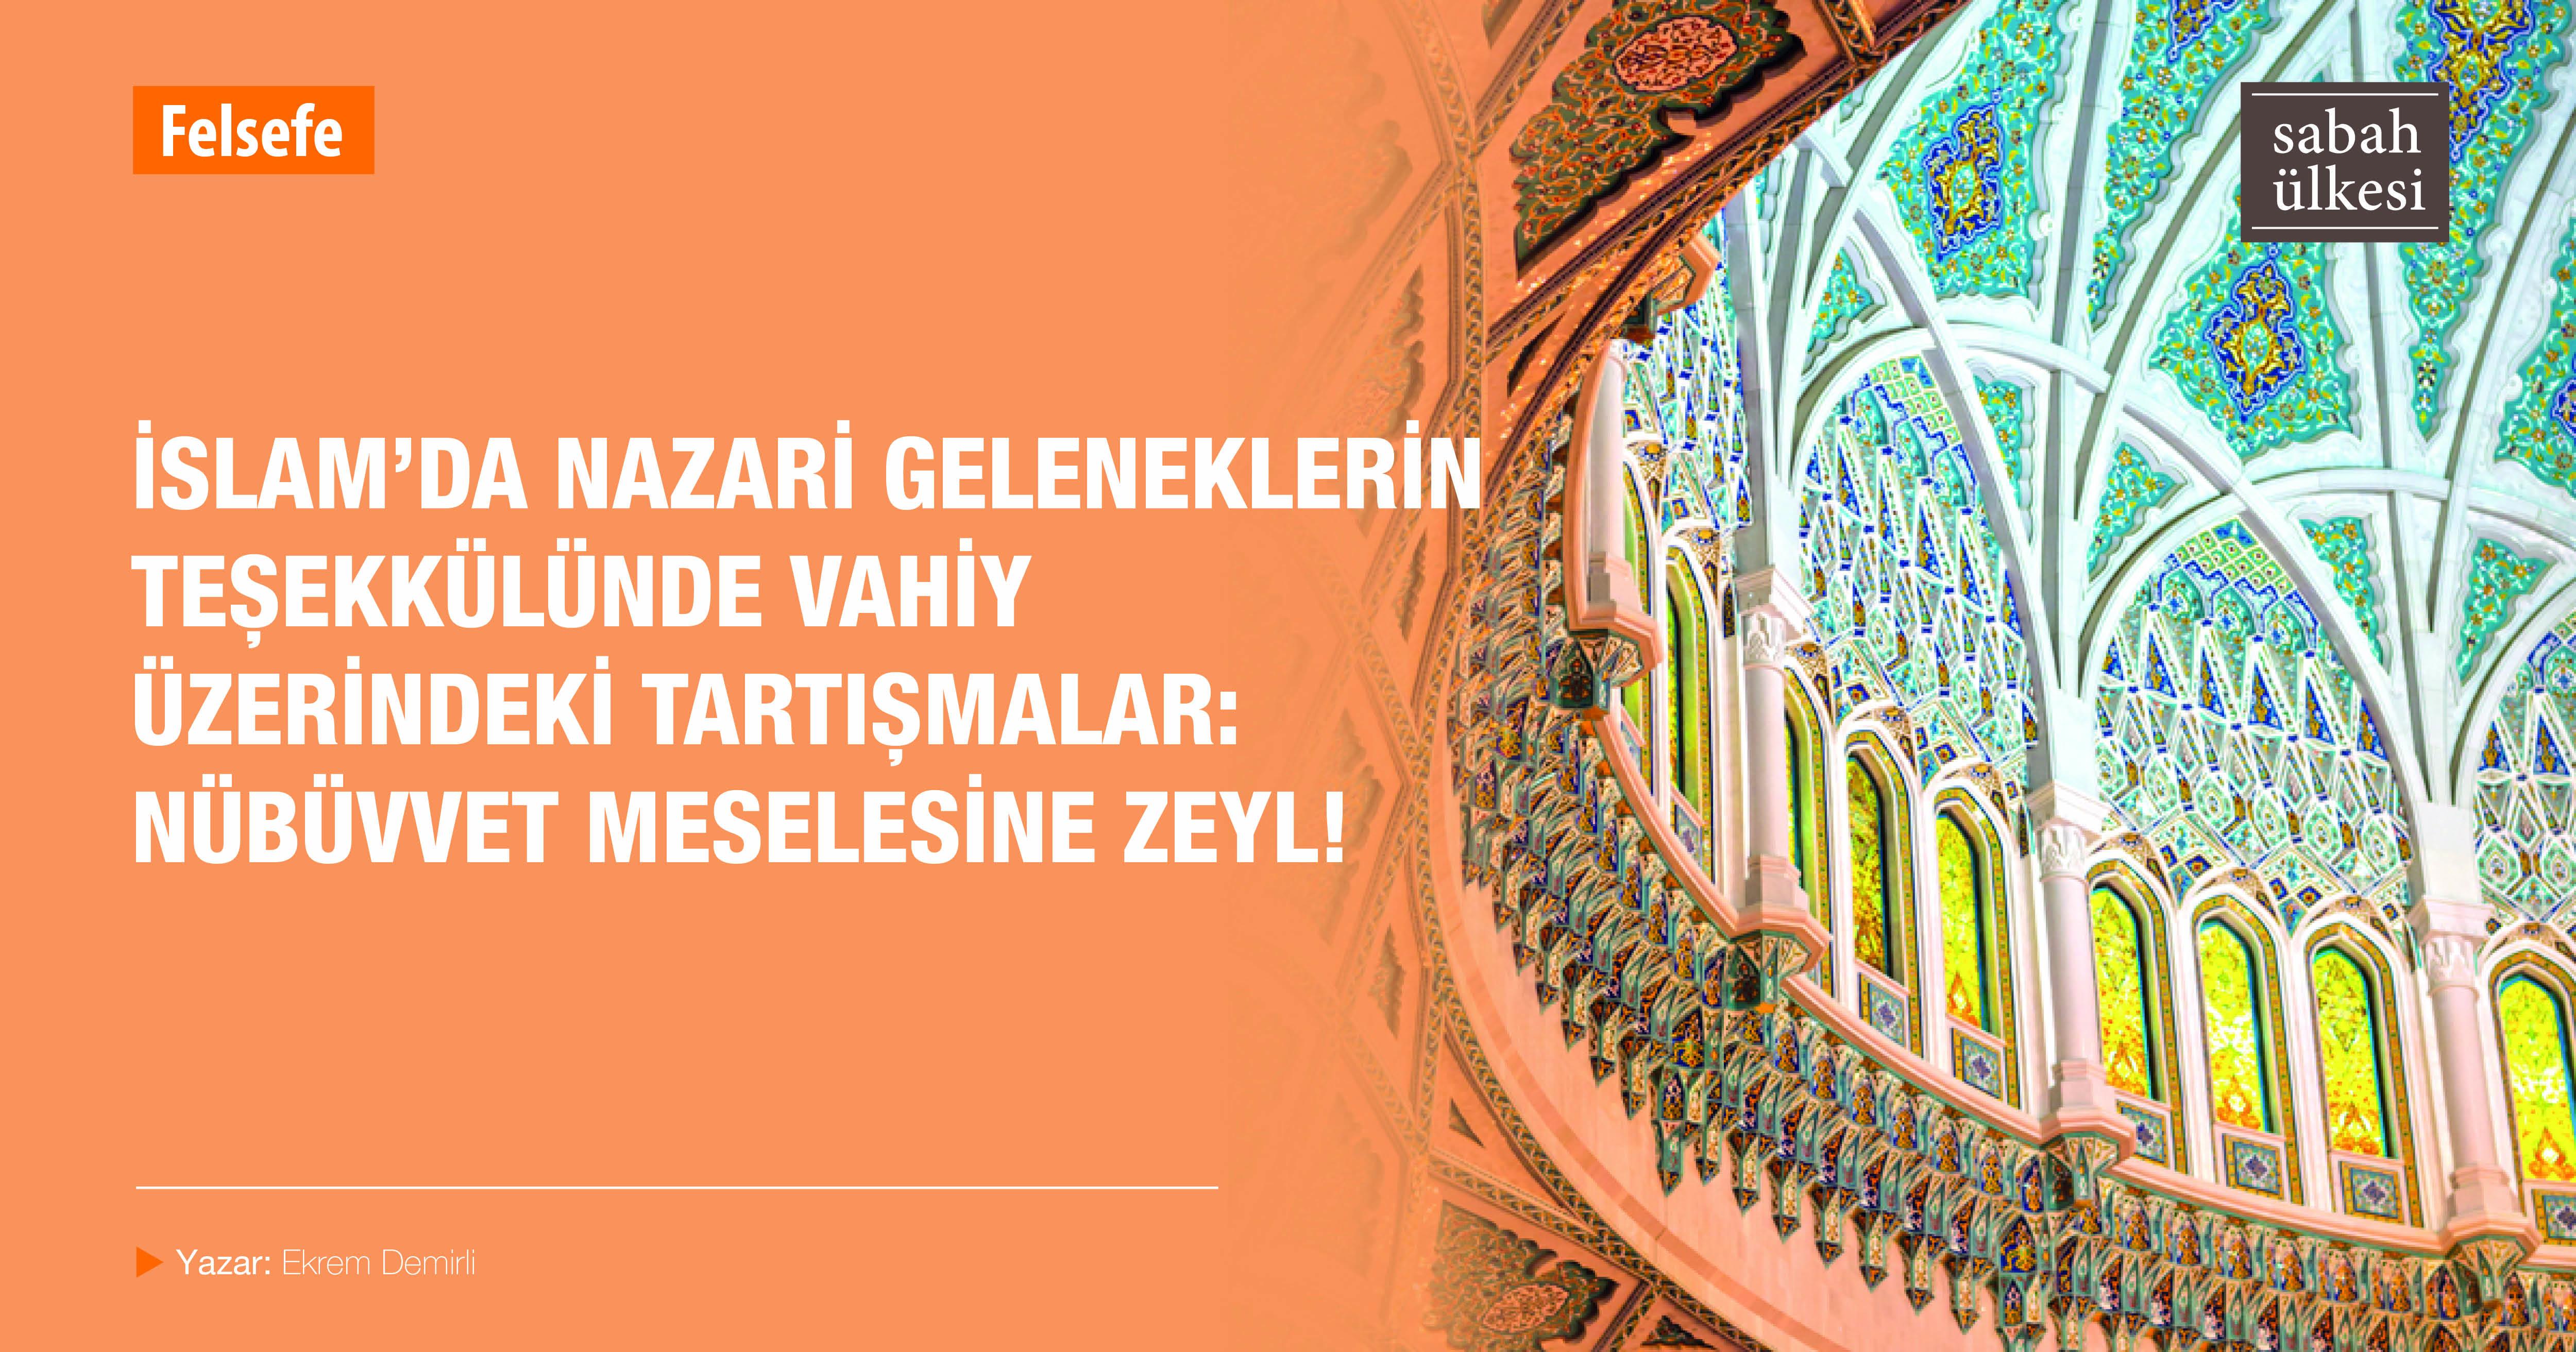 Büyük Müslüman yazı: gelenekler